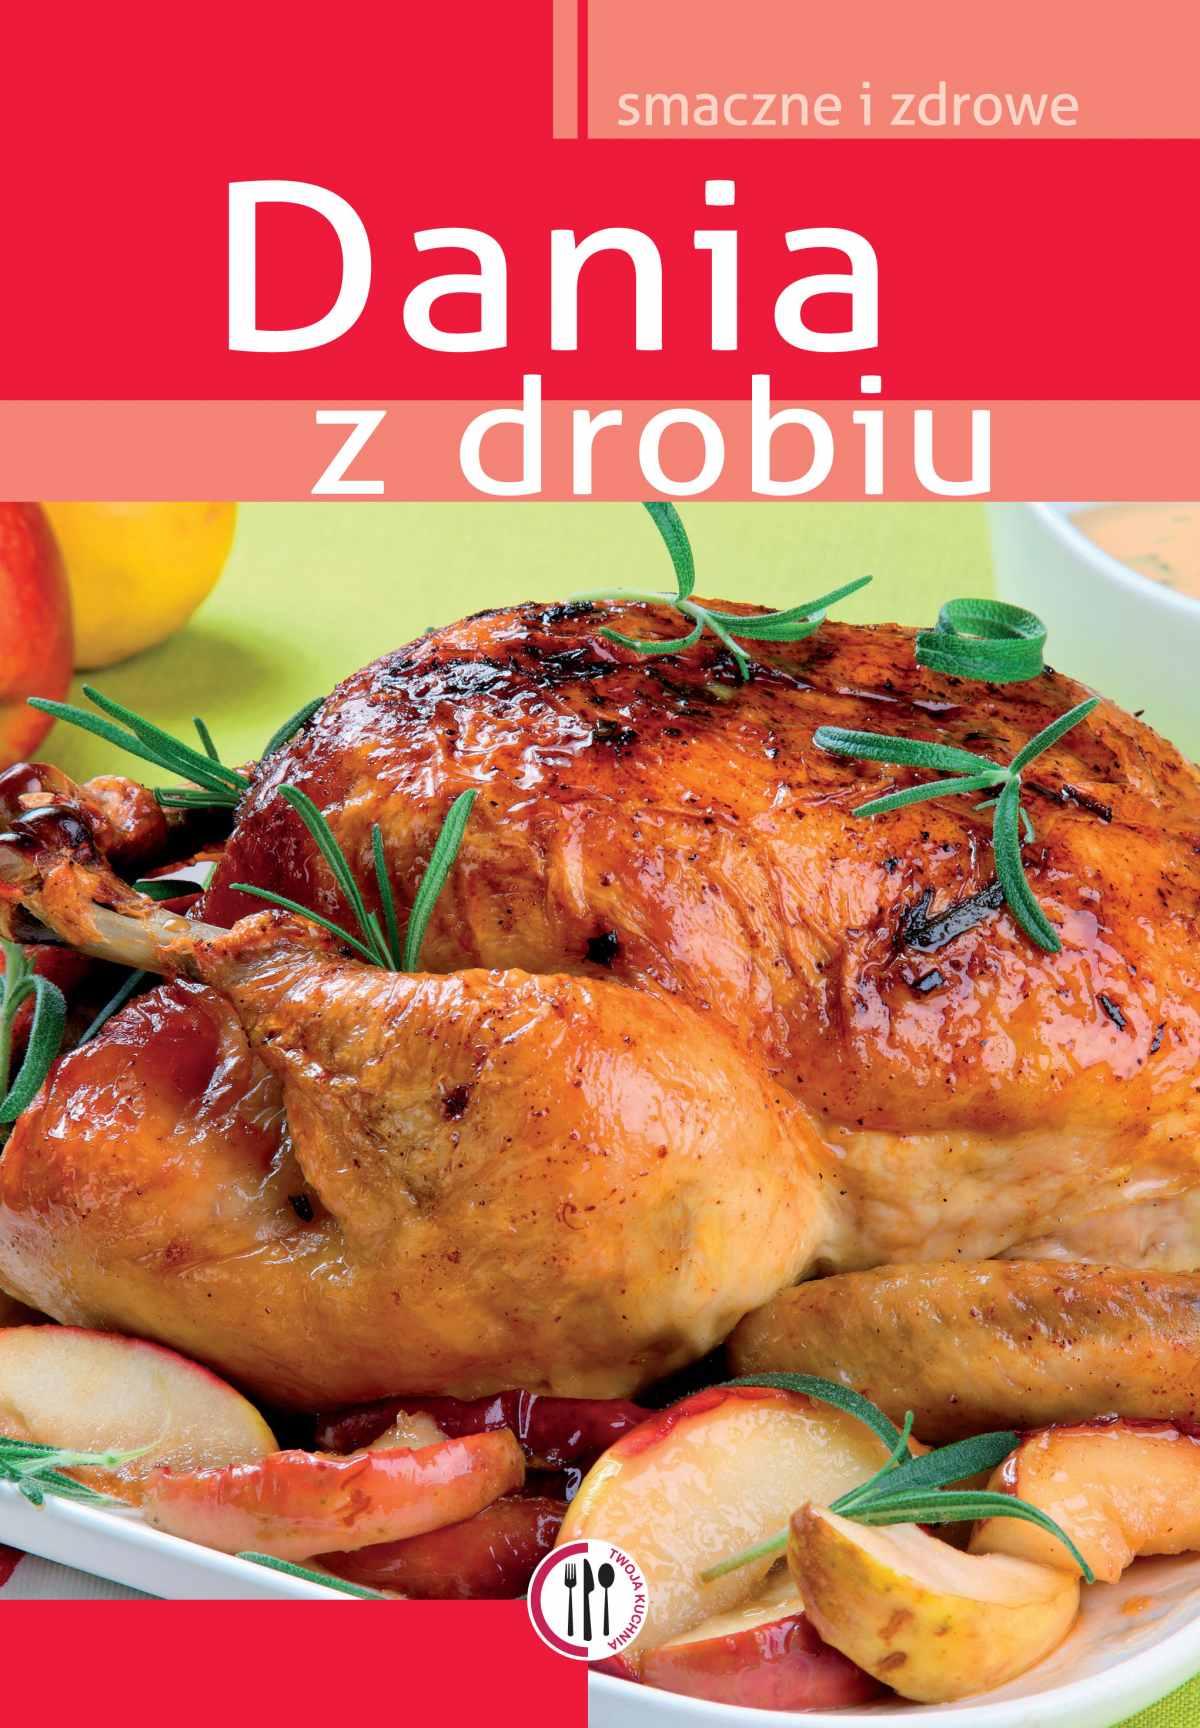 Dania z drobiu - Ebook (Książka PDF) do pobrania w formacie PDF